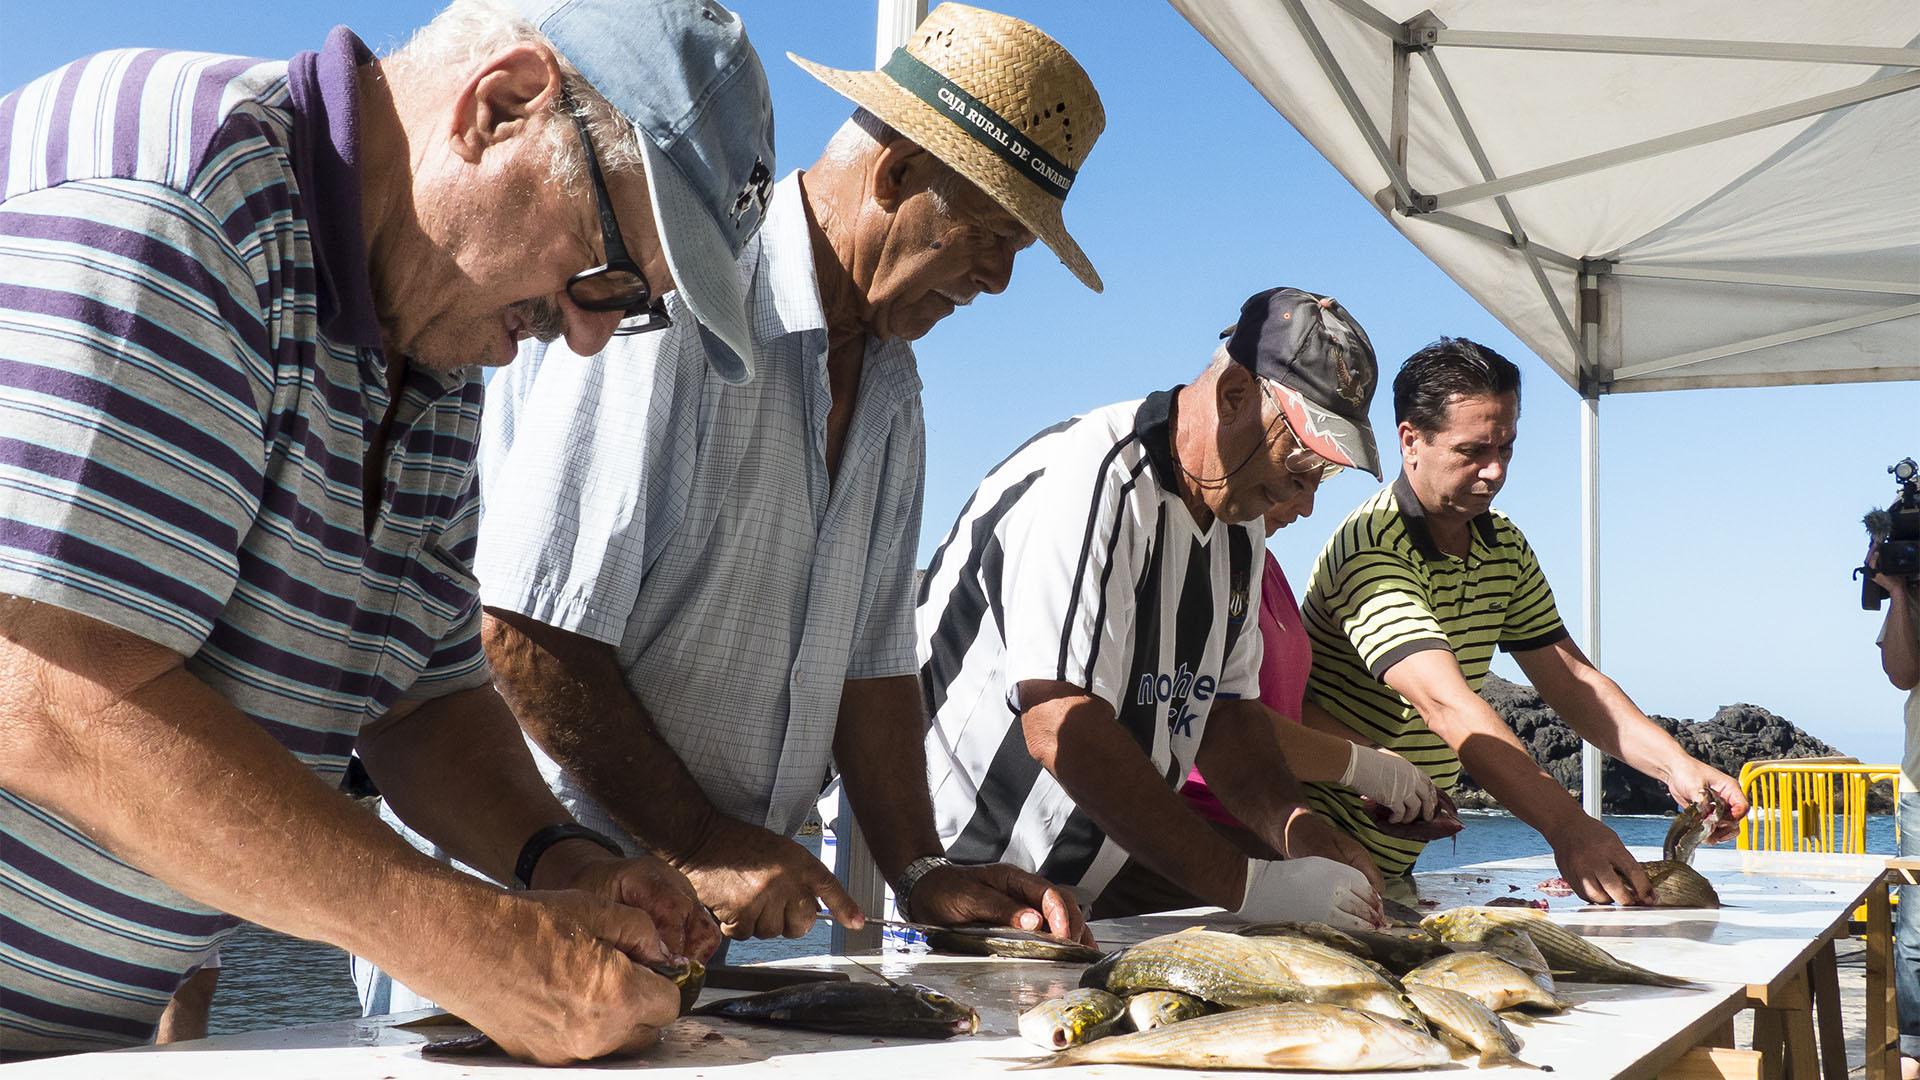 El Cotillo Fiesta Virgen del Buen Viaje El Cotillo Fuerteventura –Fischessen an der Muellito de los Pescadores.